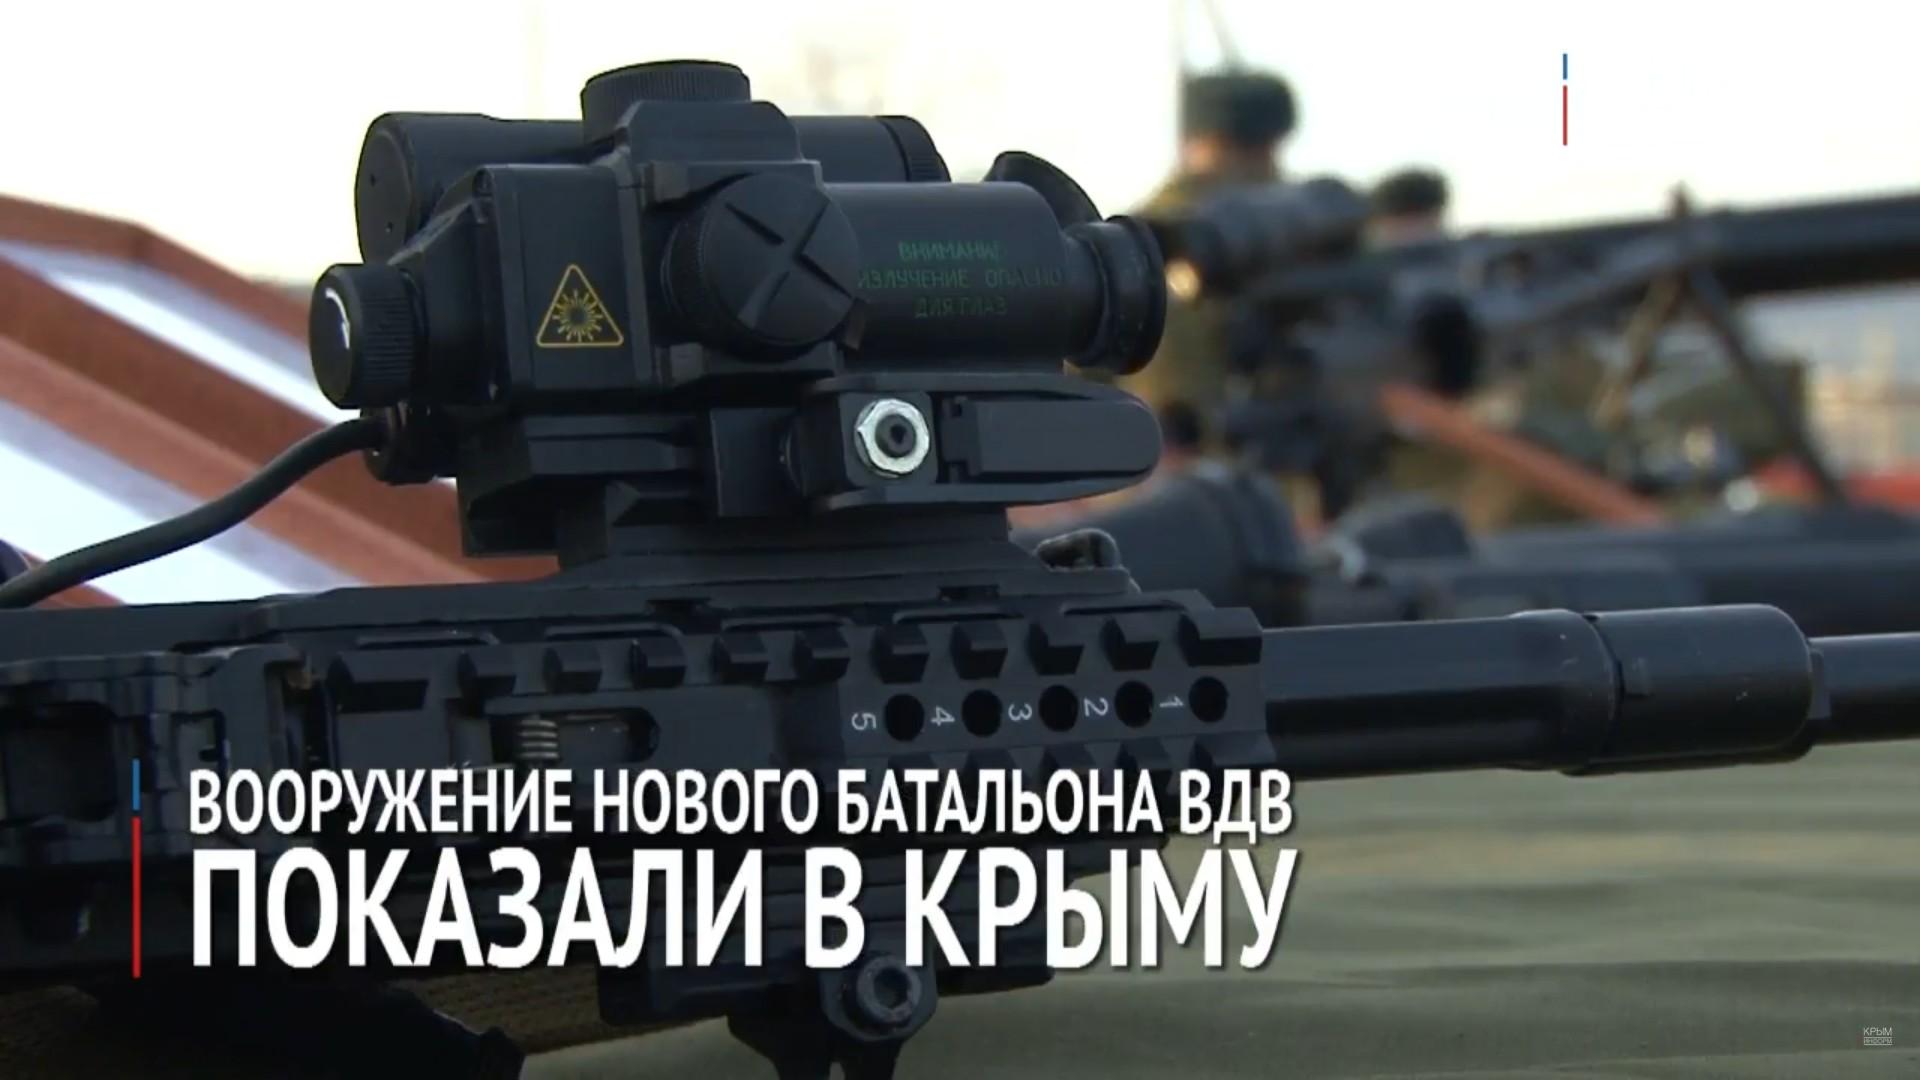 http://s5.uploads.ru/BCnVg.jpg